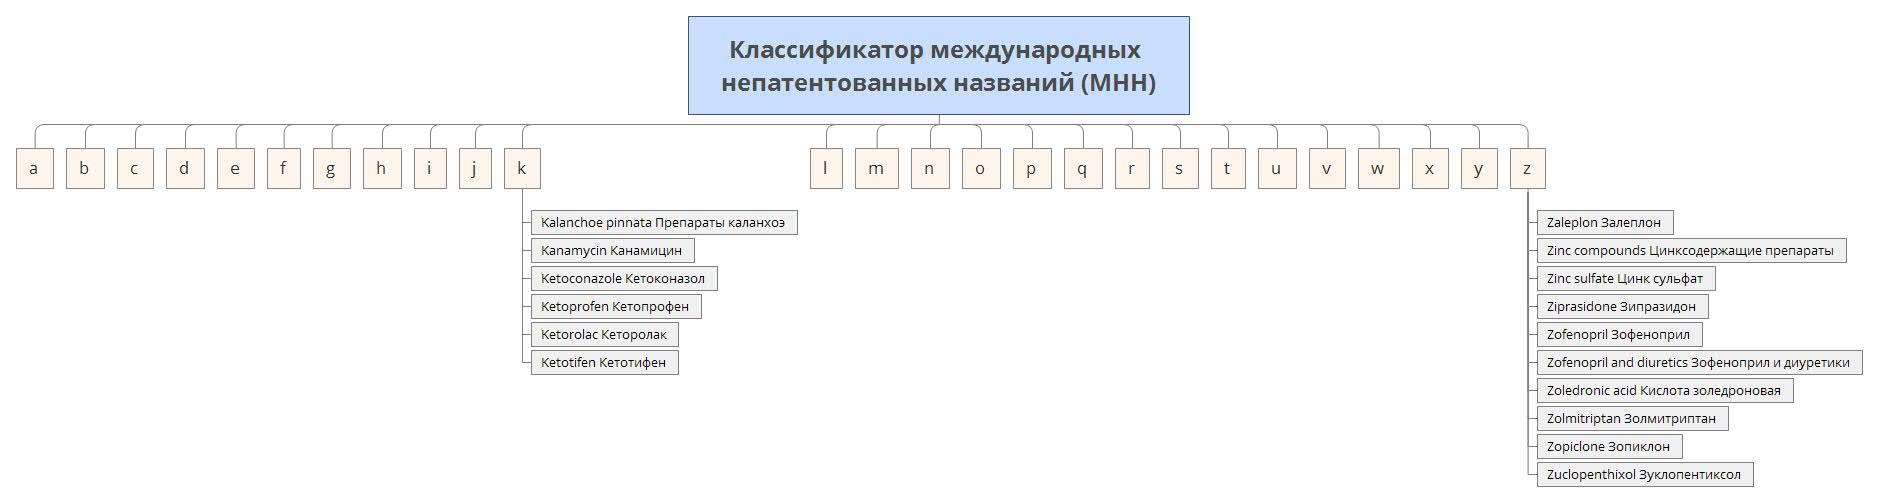 klassifikator-preparatov-po-mezhdunarodnym-nepatentovannym-nazvaniyam-mnn-1